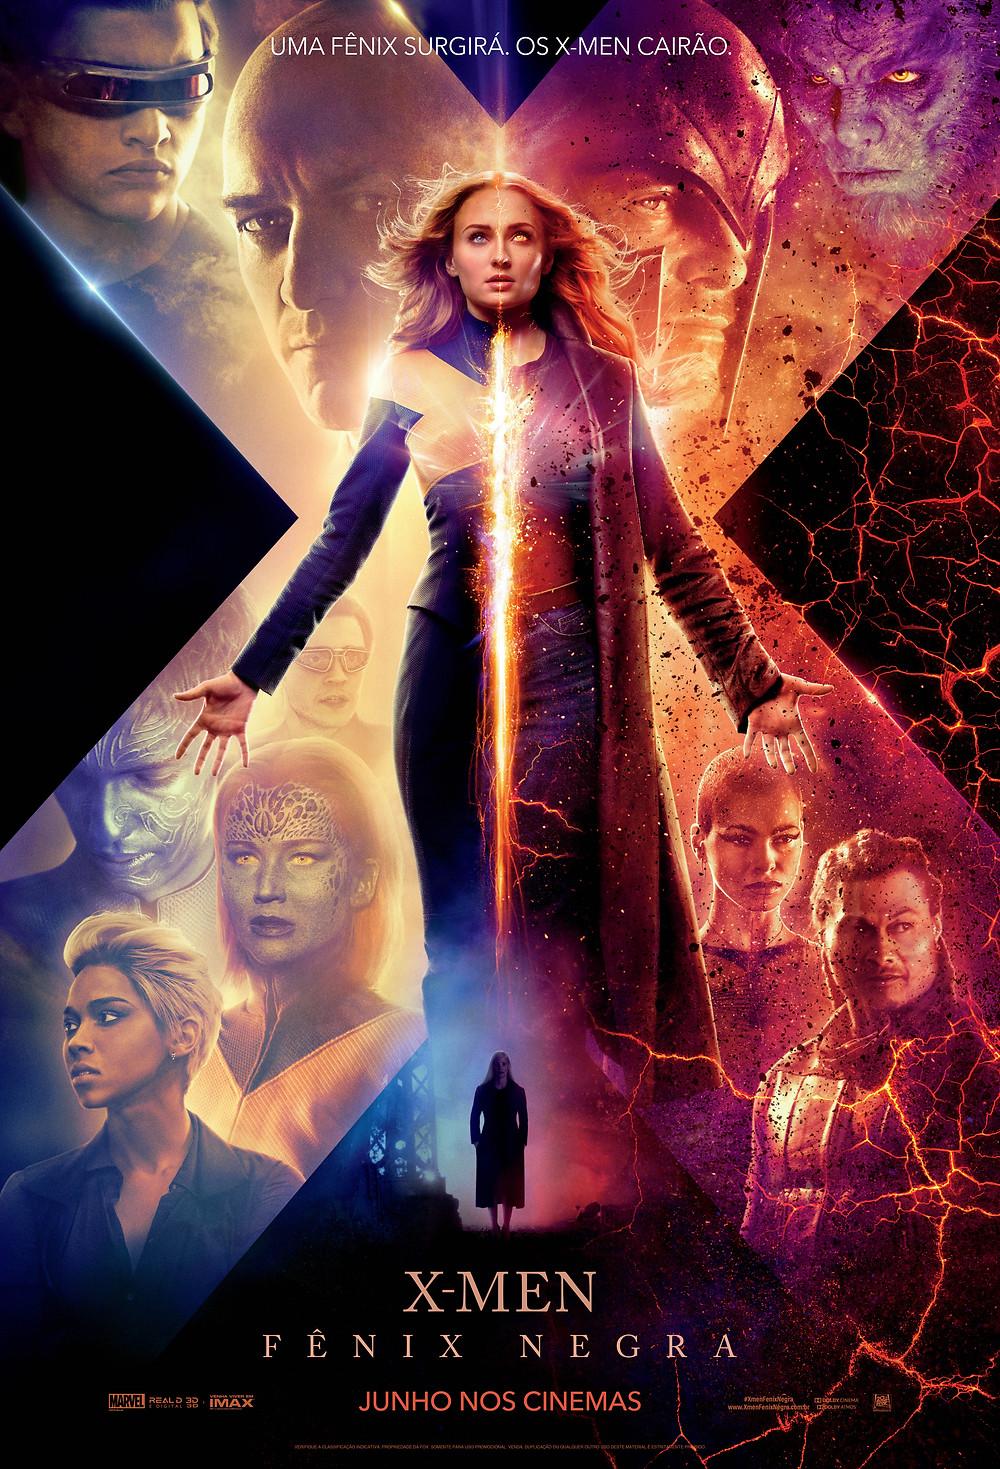 Pôster do filme X-Men: Fênix Negra (2019) | Divulgação